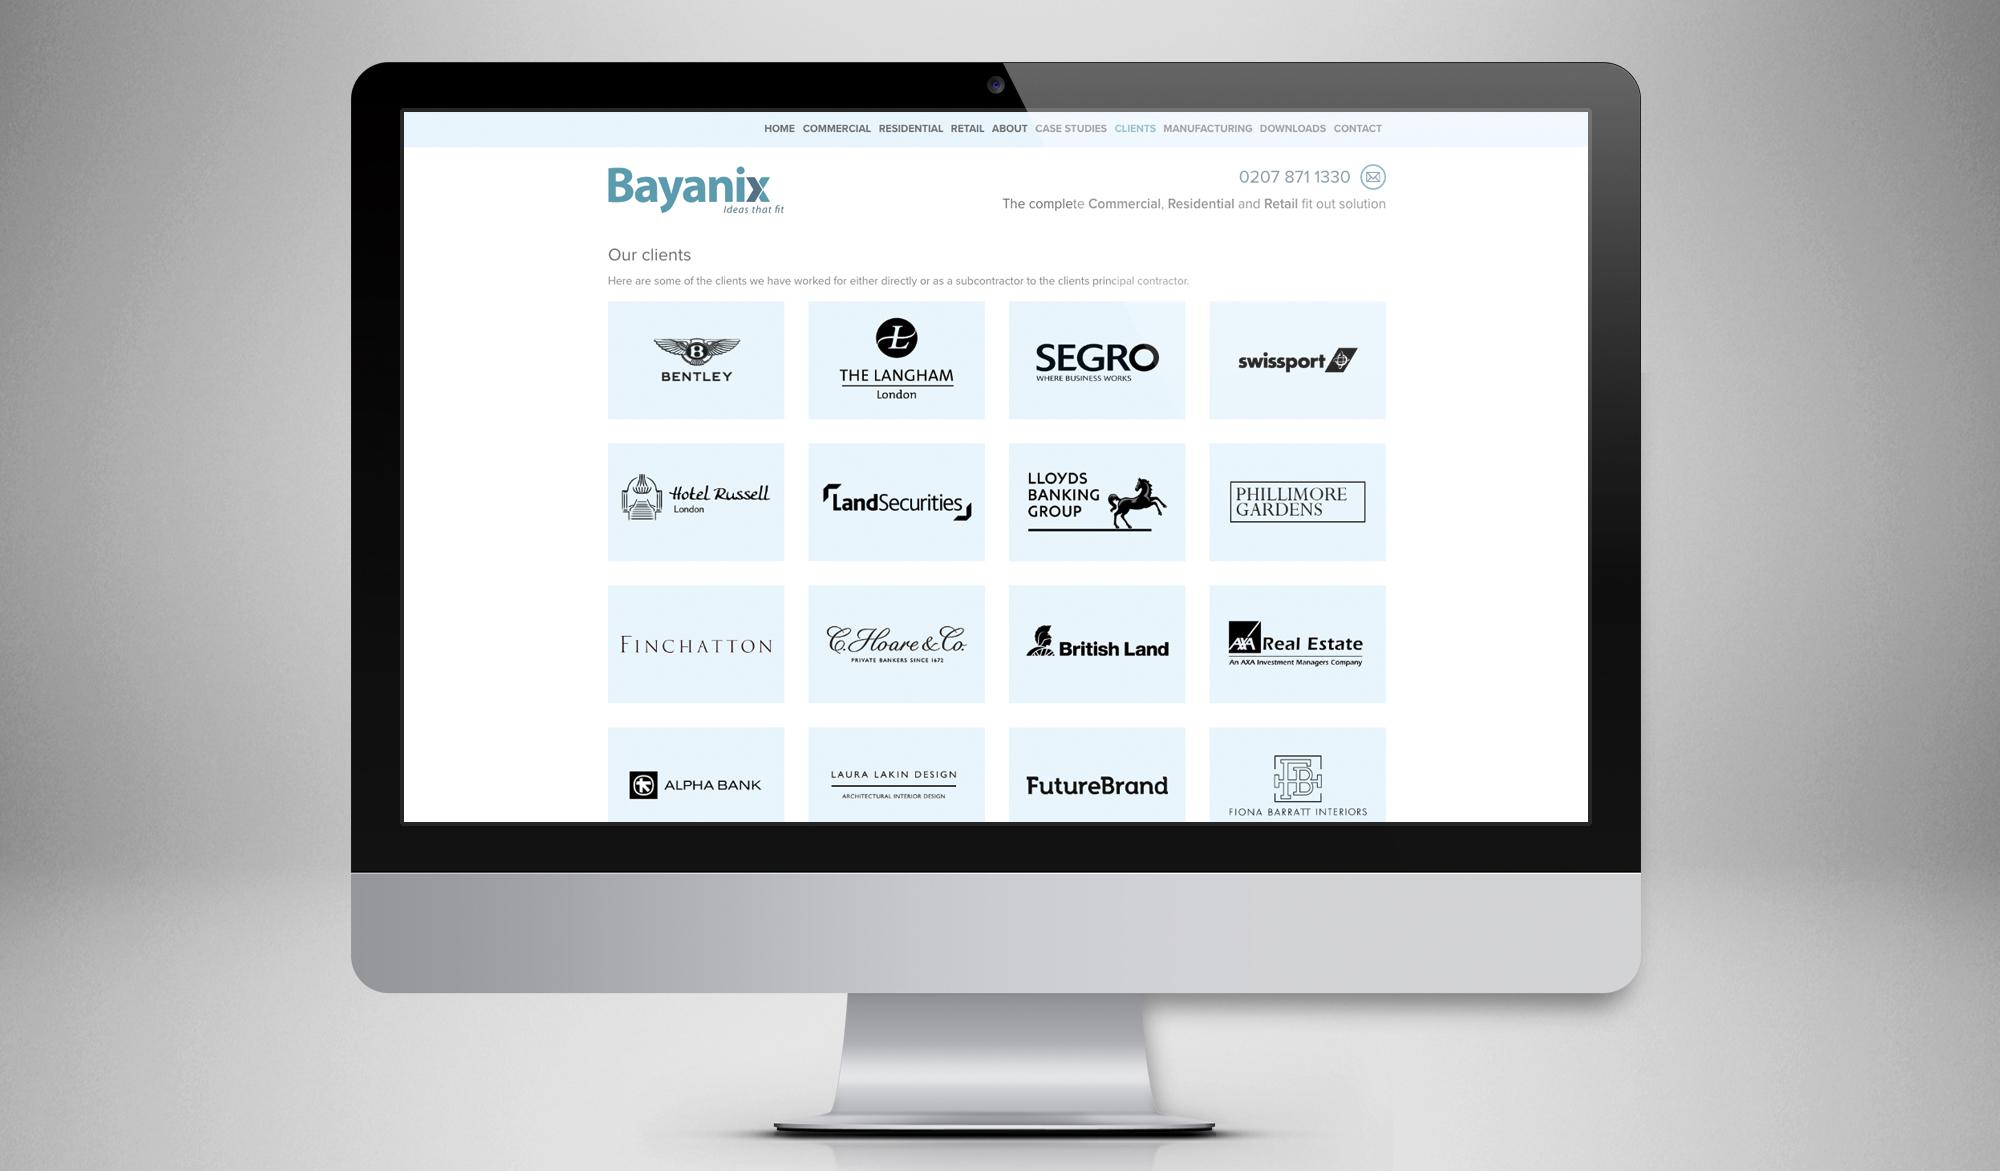 Bayanix website - desktop